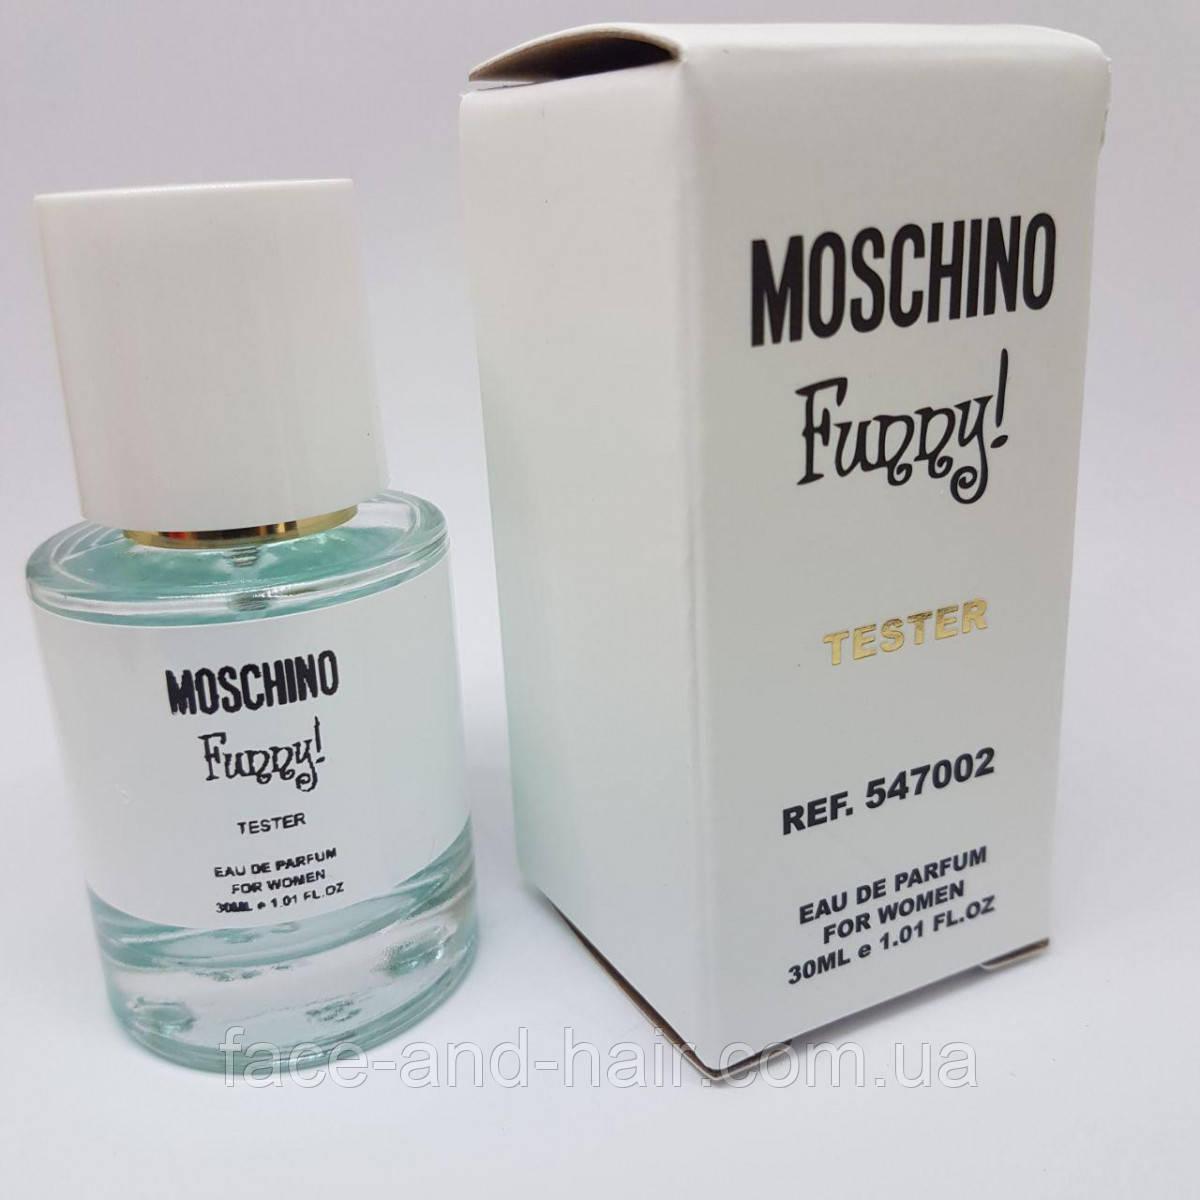 Moschino Funny Масляный тестер 30 мл